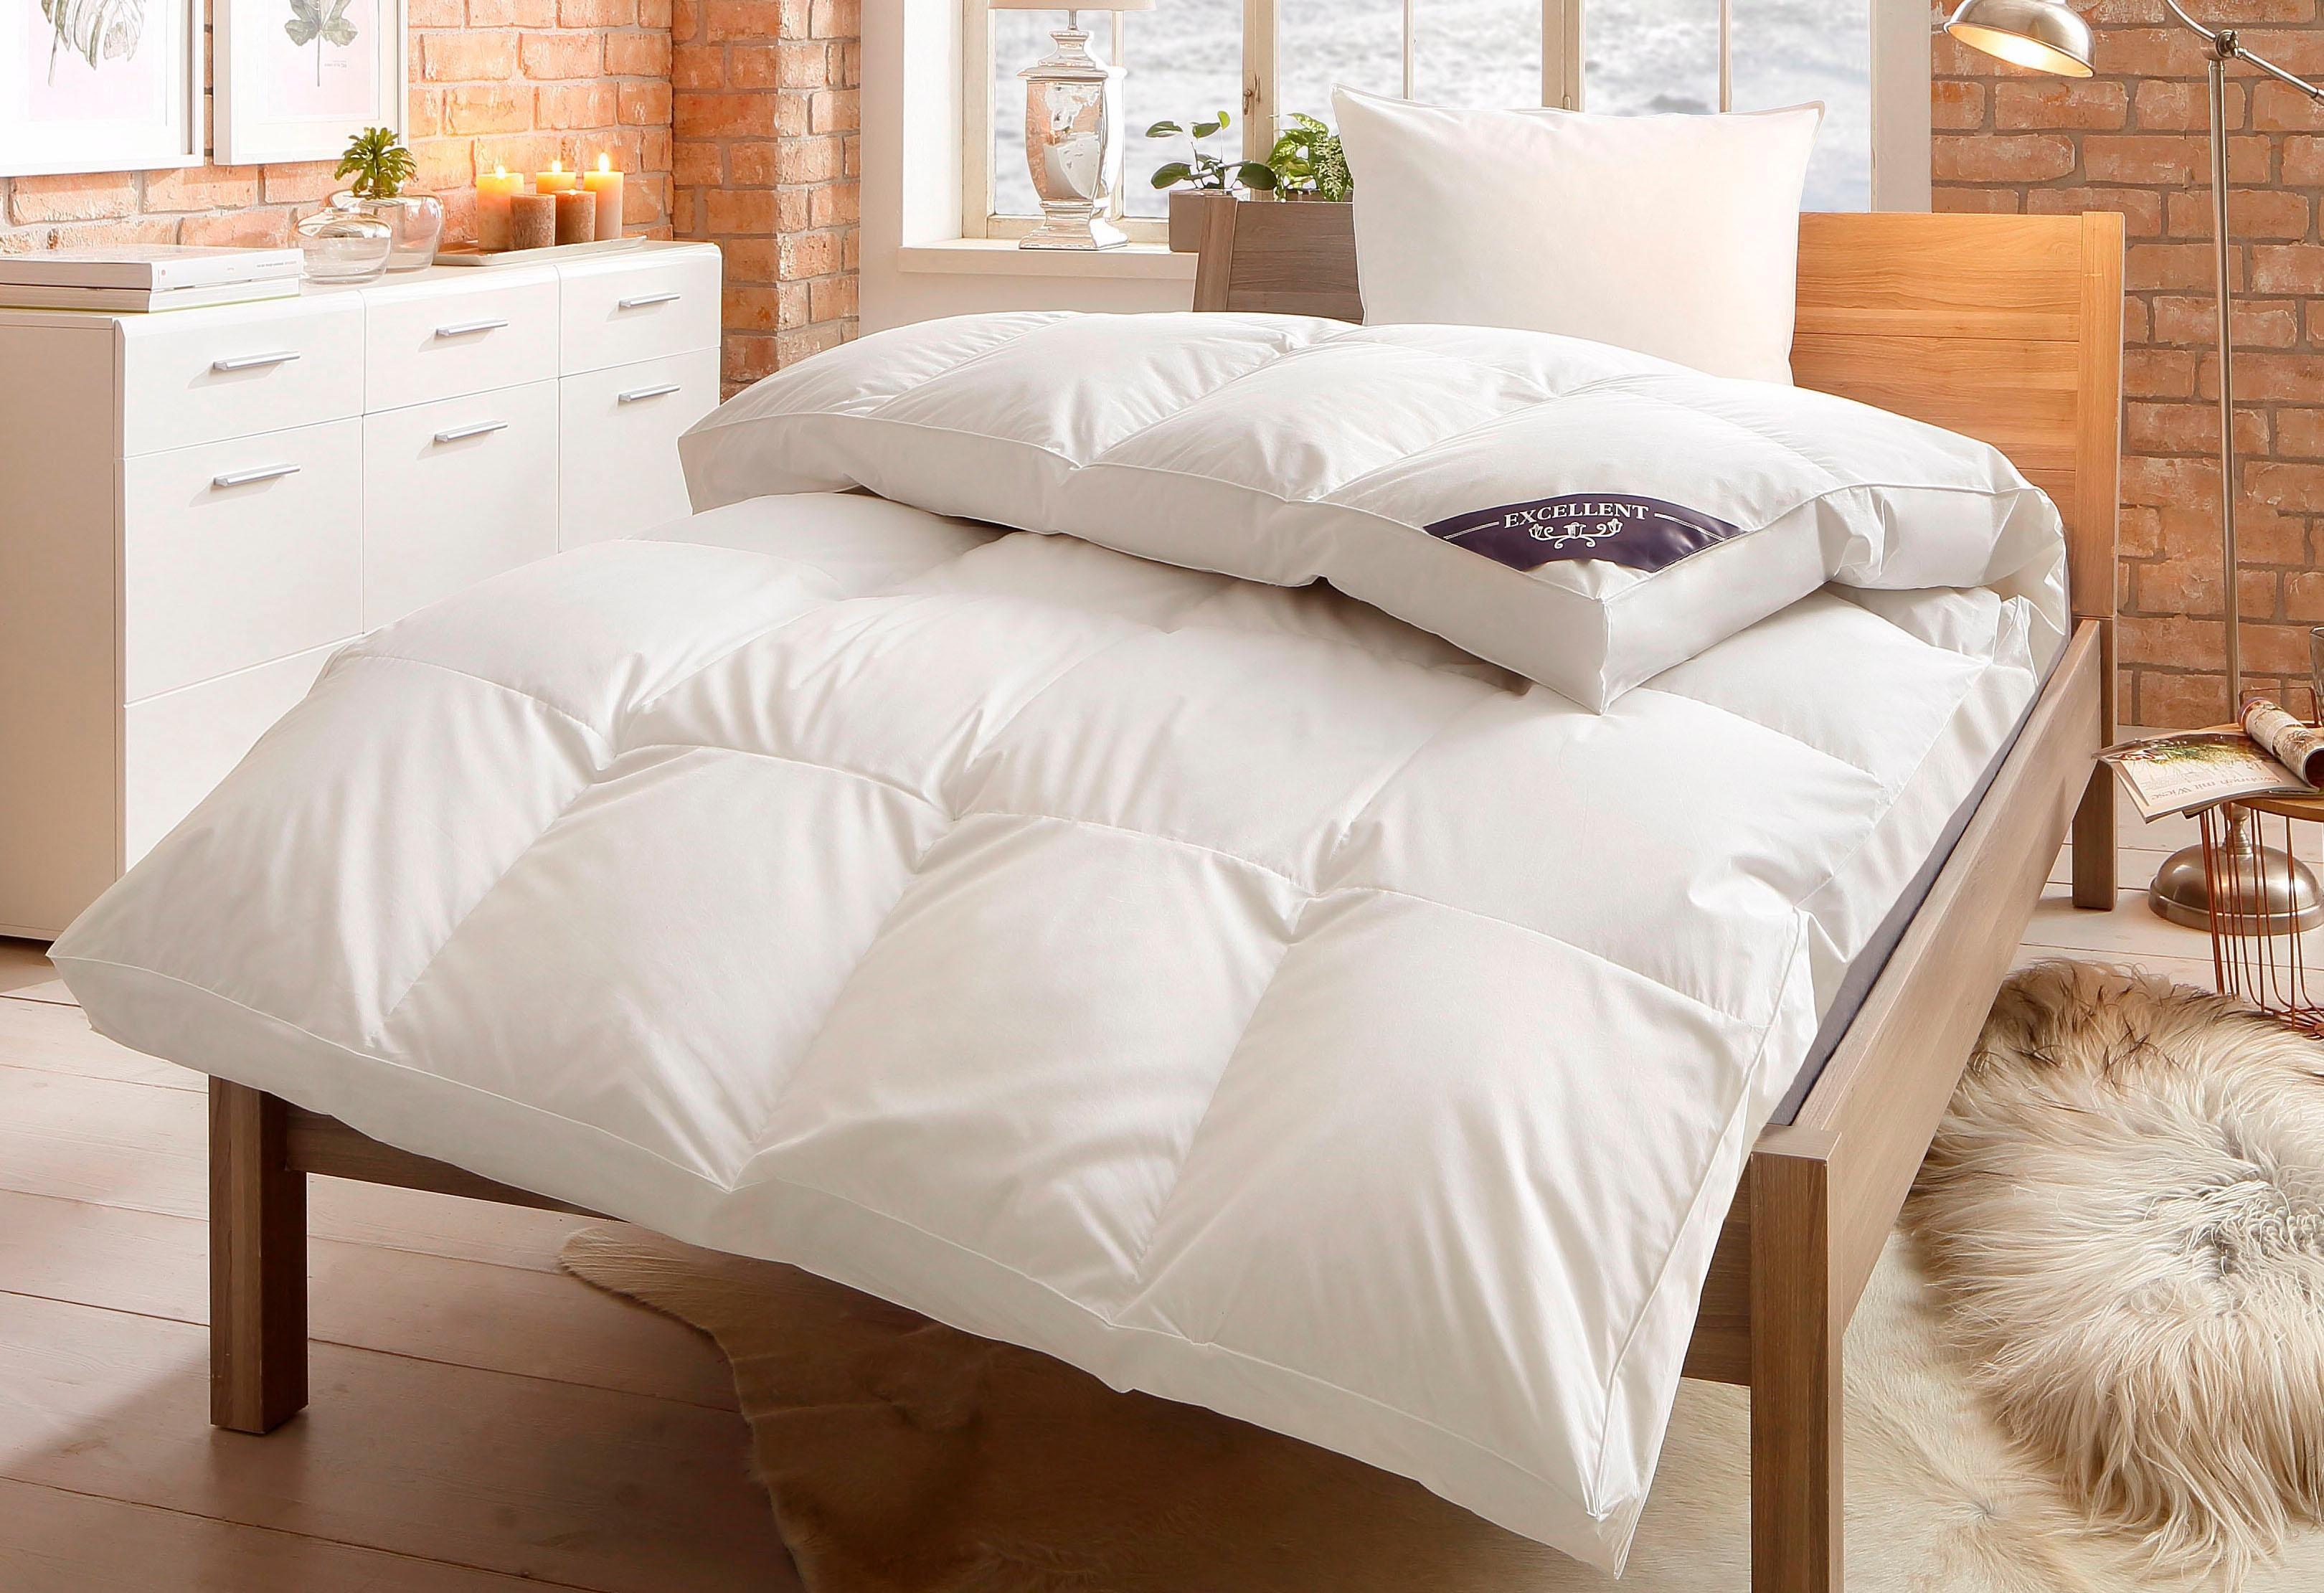 Daunenbettdecke, »First Class«, Excellent, polarwarm, Füllung: 100% Daunen, (1-tlg) | Heimtextilien > Decken und Kissen > Bettdecken | Excellent